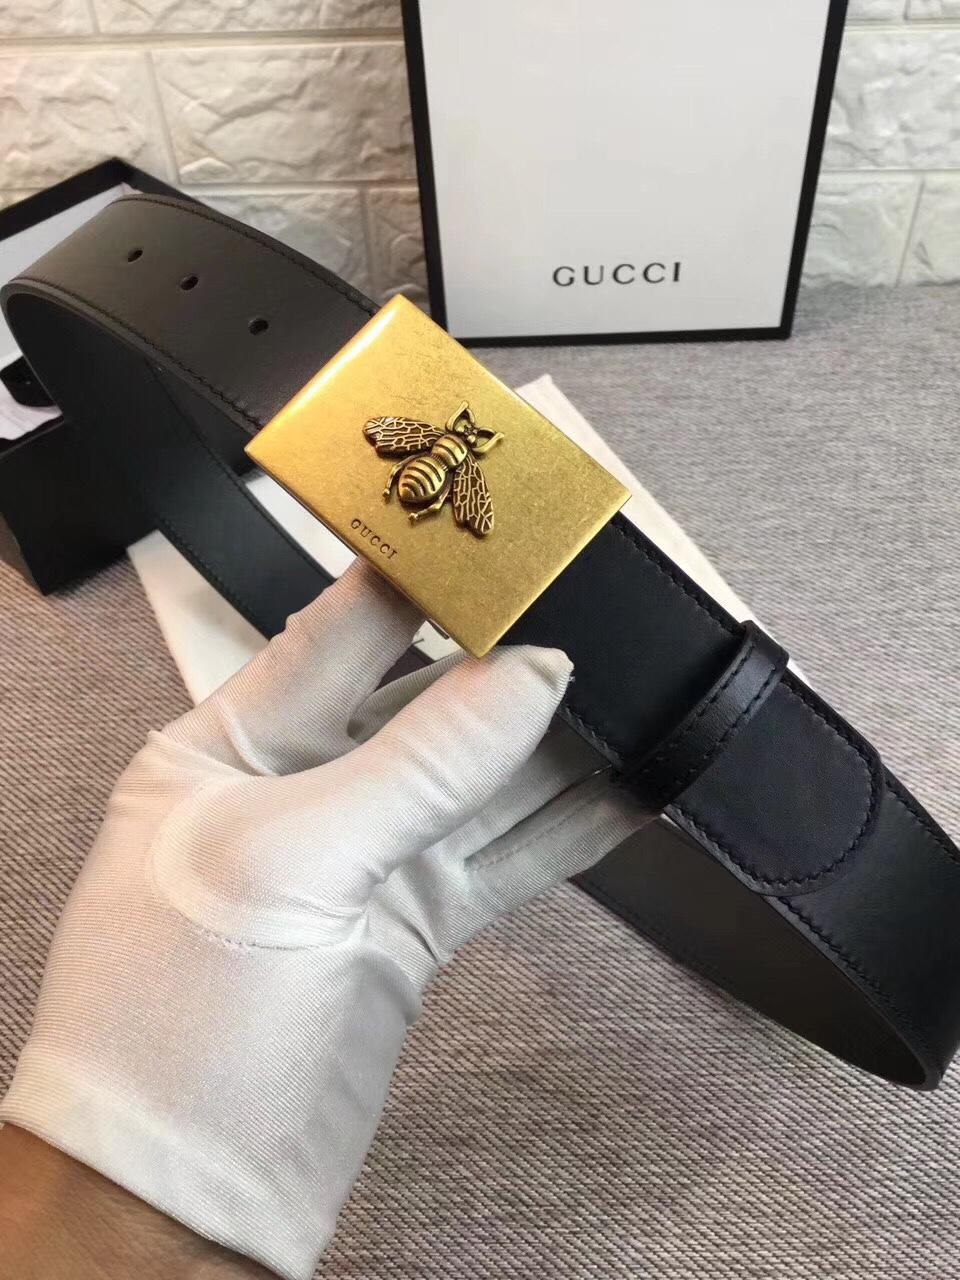 Mua thắt lưng chính hãng tại đại diện Gucci Việt Nam để nhận nhiều ưu đãi